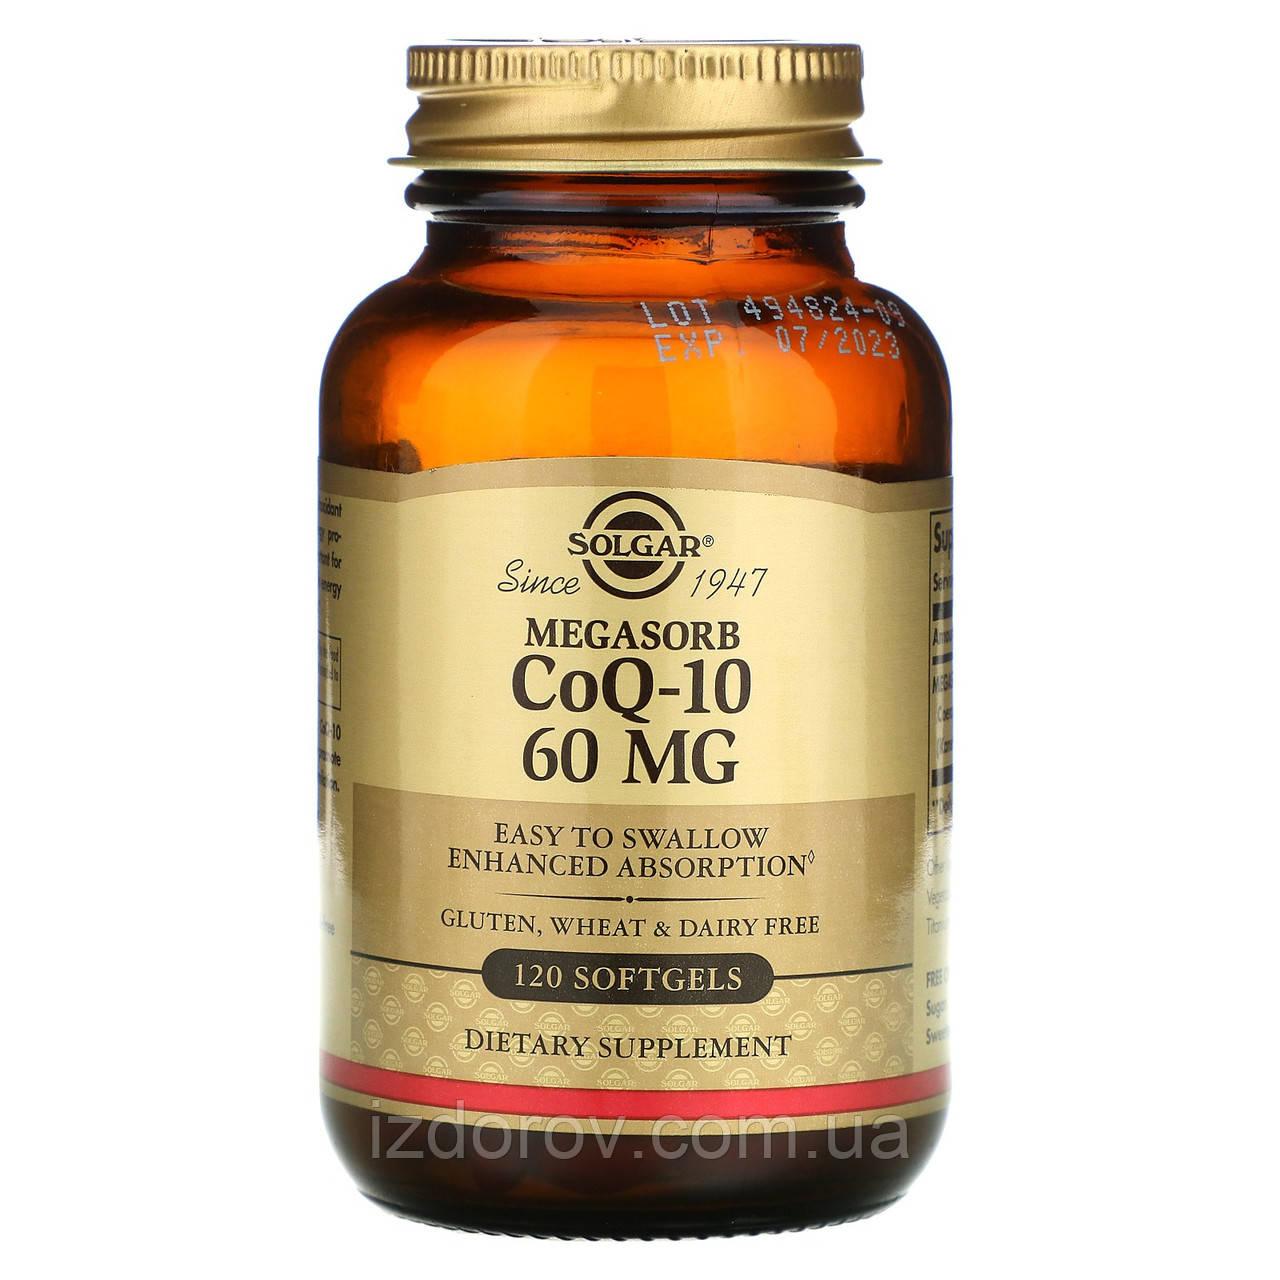 Solgar, Коензим Q10 з мегасорбом, CoQ10 60 мг, 120 капсул